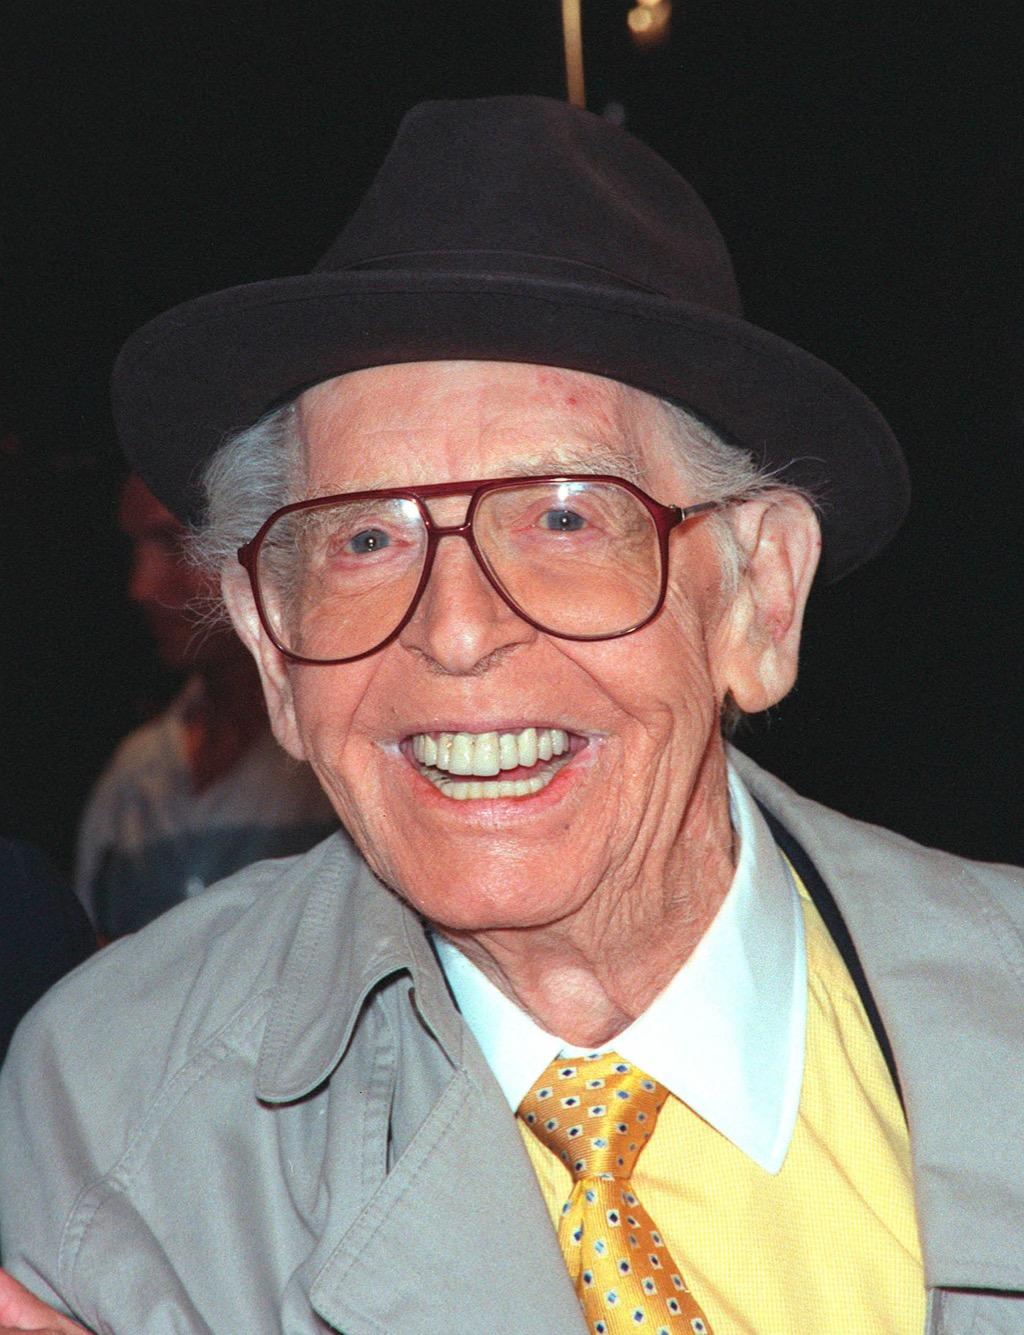 Milton Berle Jokes From Comedy Legends